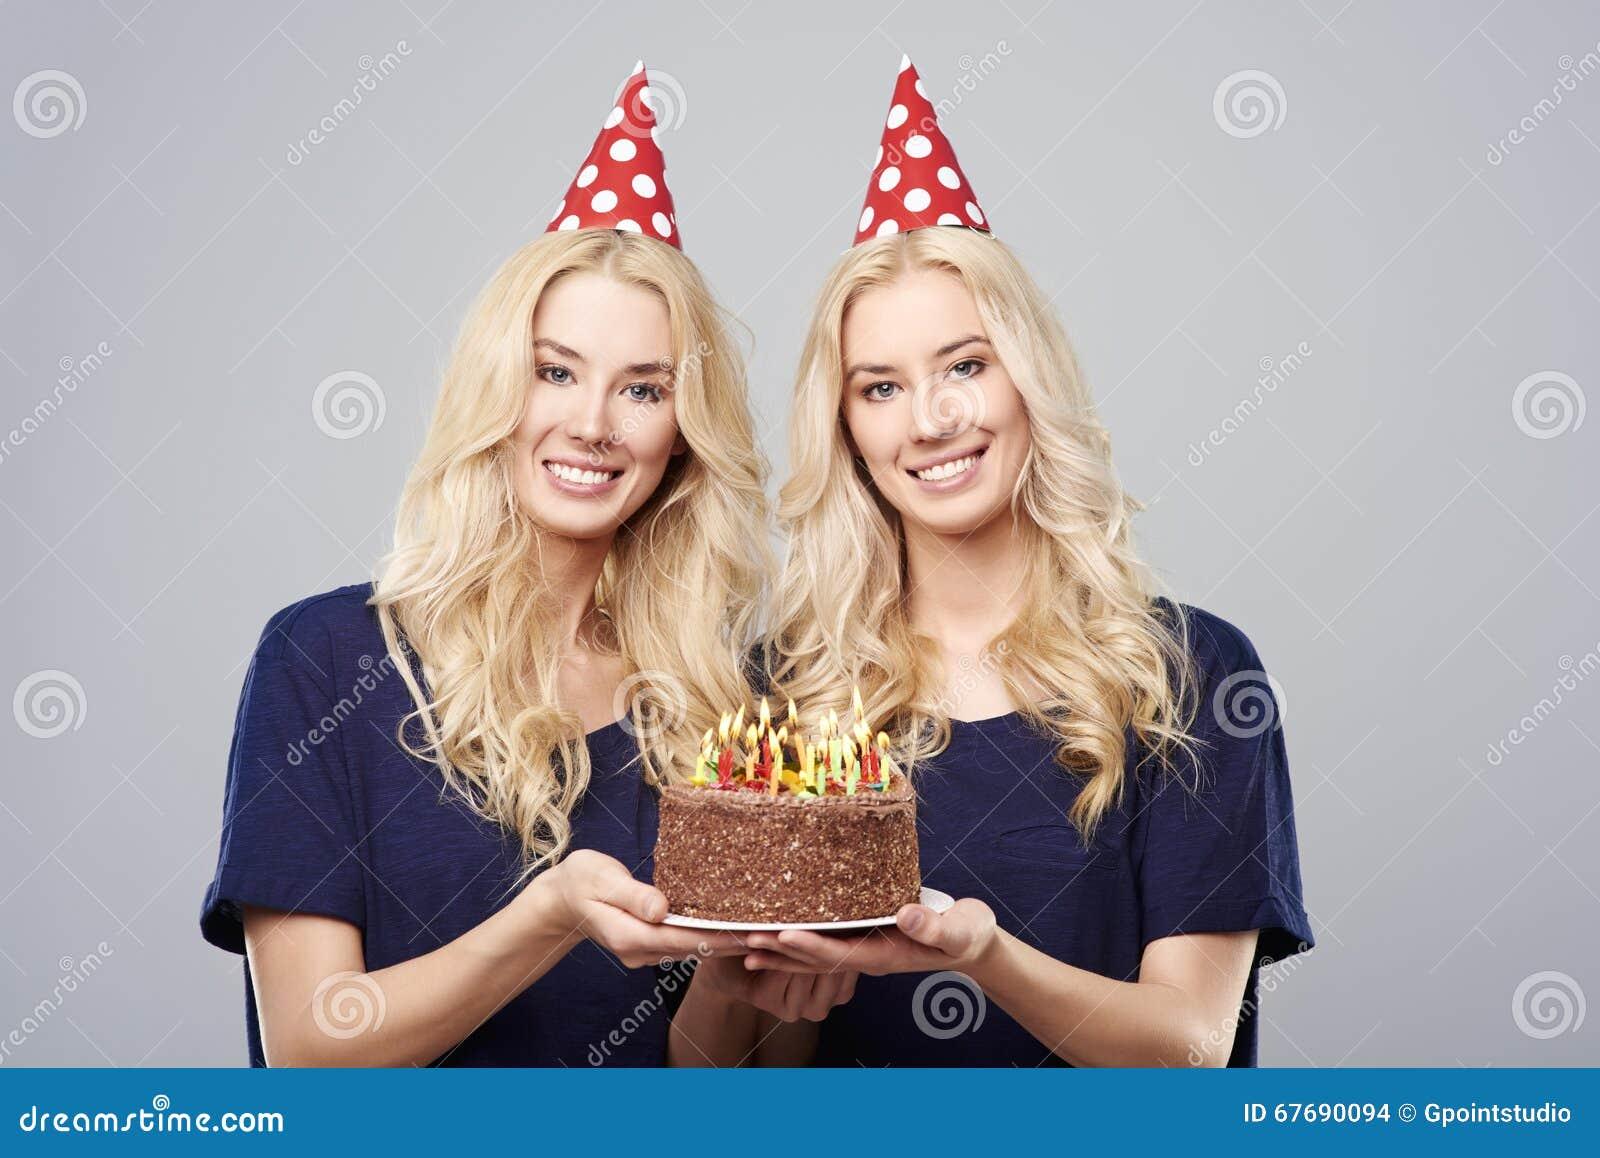 Verjaardag Tweeling Volwassen.Verjaardag Voor Tweelingen Stock Foto Afbeelding Bestaande